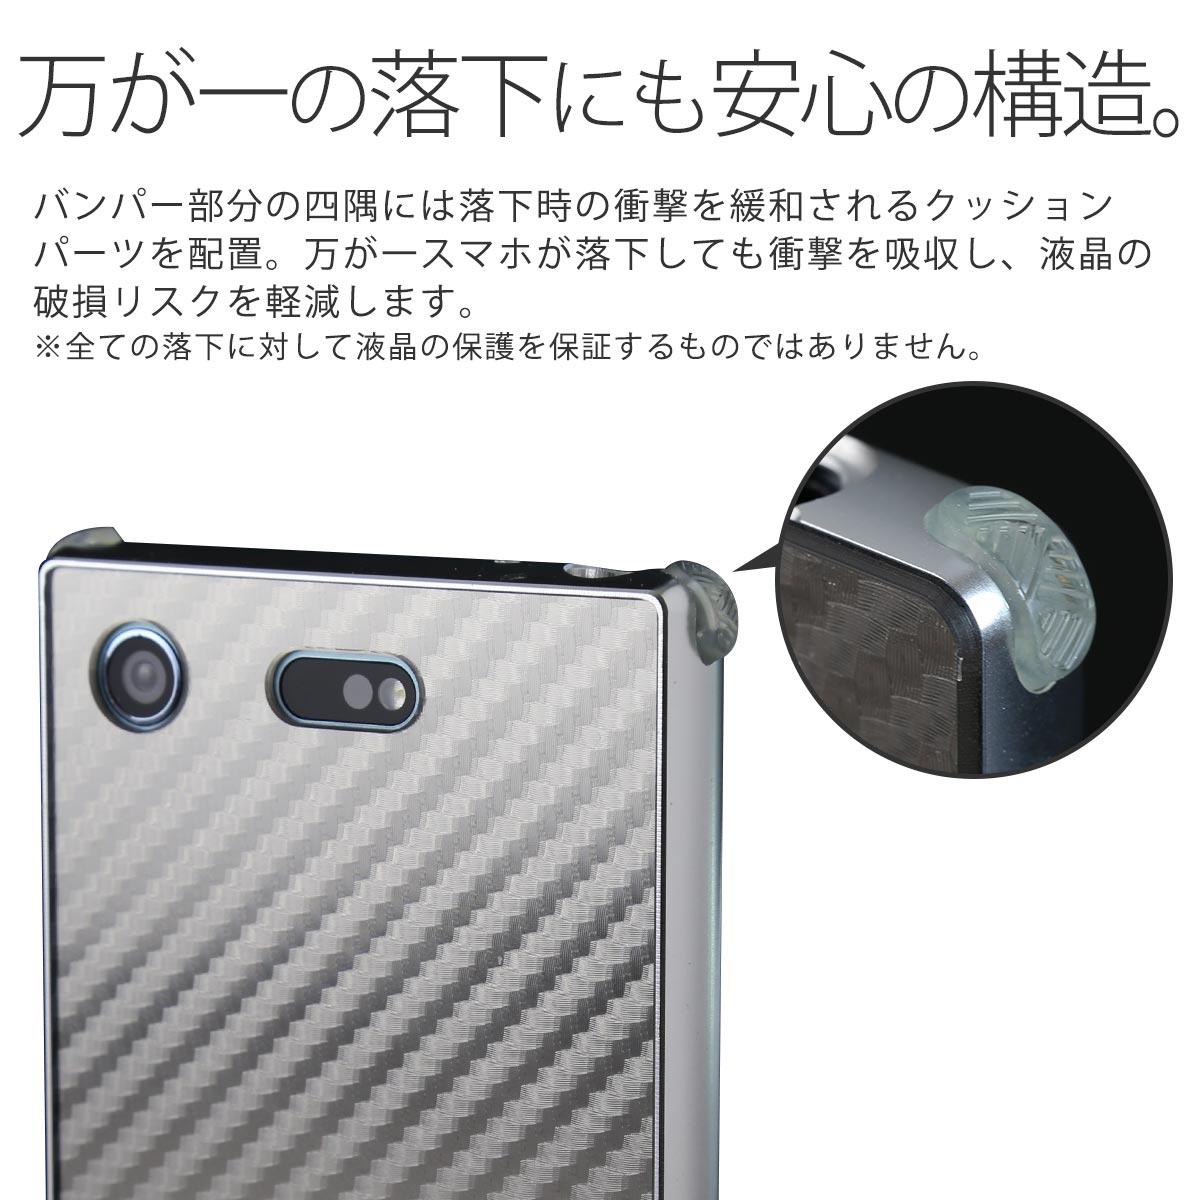 Xperia XZ1 Compact SO-02K 背面カーボンパネル付きバンパーメタルケース